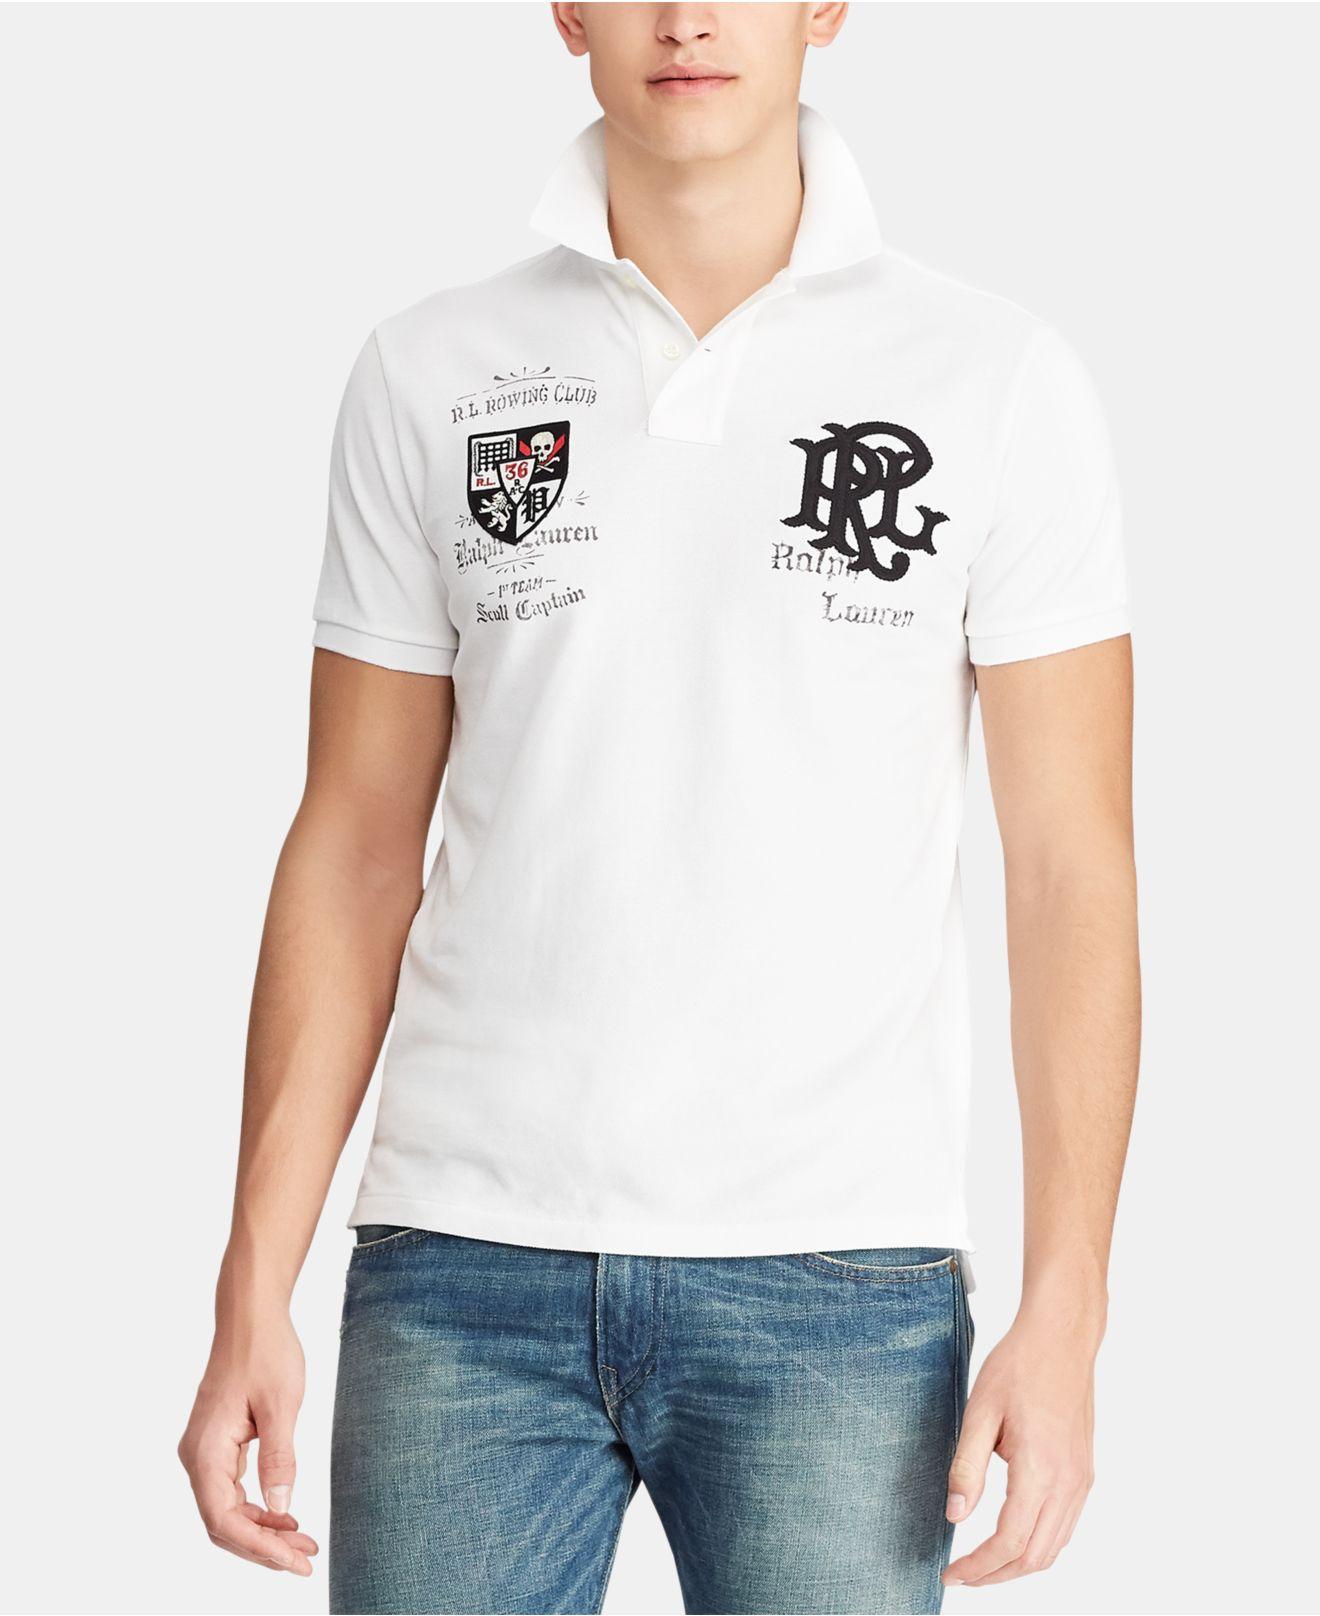 bf2446643be1c Lyst - Polo Ralph Lauren Custom Slim Fit Mesh Polo in White for Men